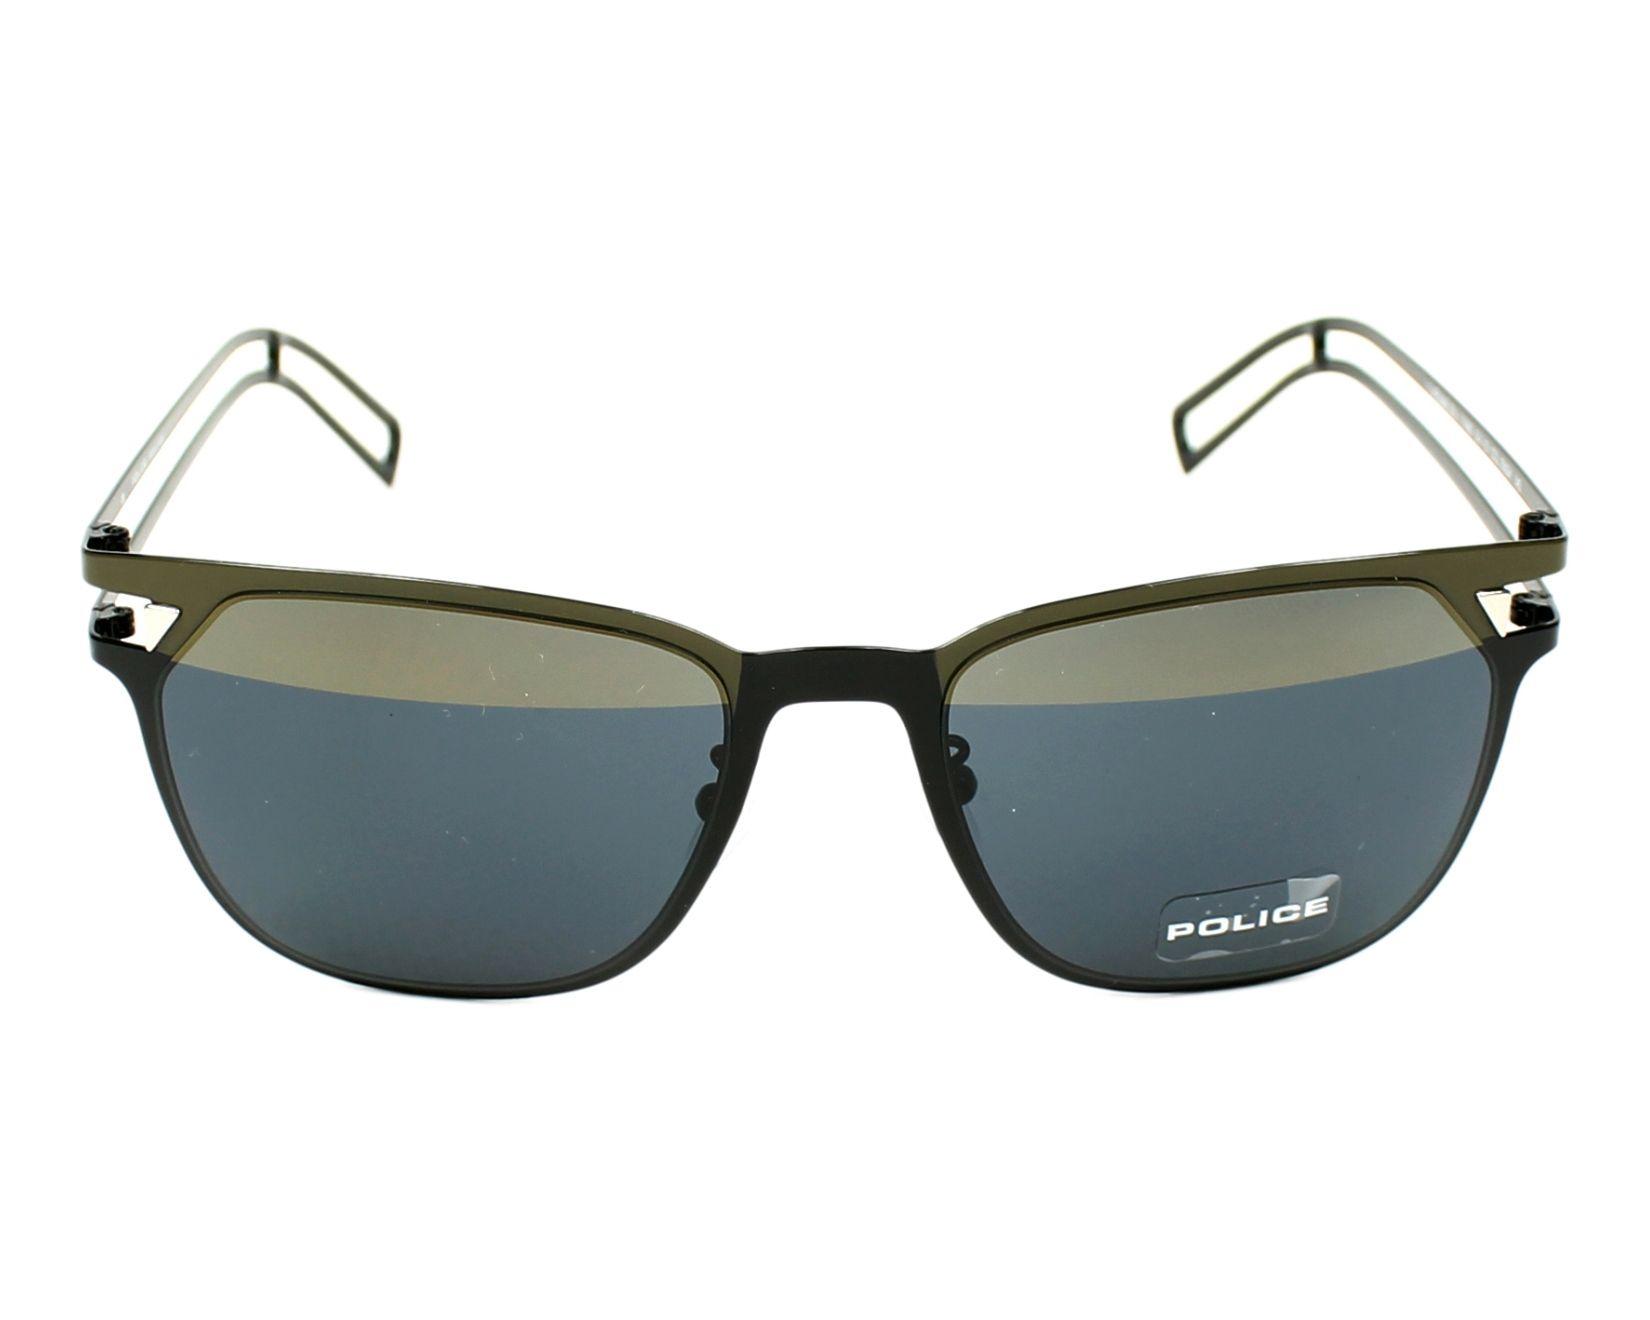 lunettes de soleil police s 8965 sngh noir avec des verres gris marron. Black Bedroom Furniture Sets. Home Design Ideas